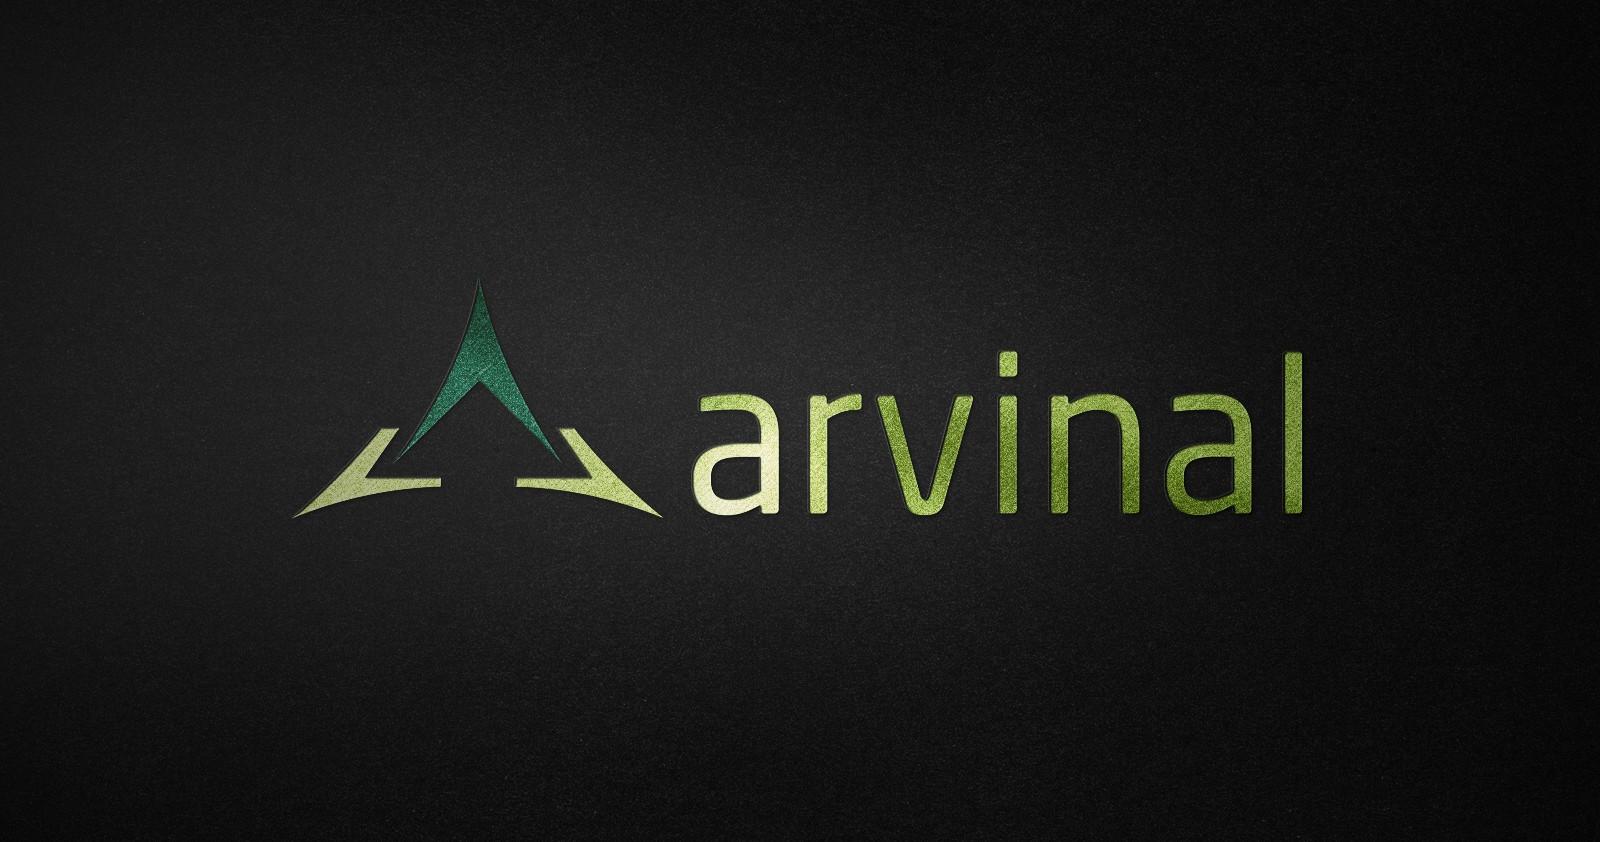 Arvinal logo kurumsal kimlik tasarımı 02